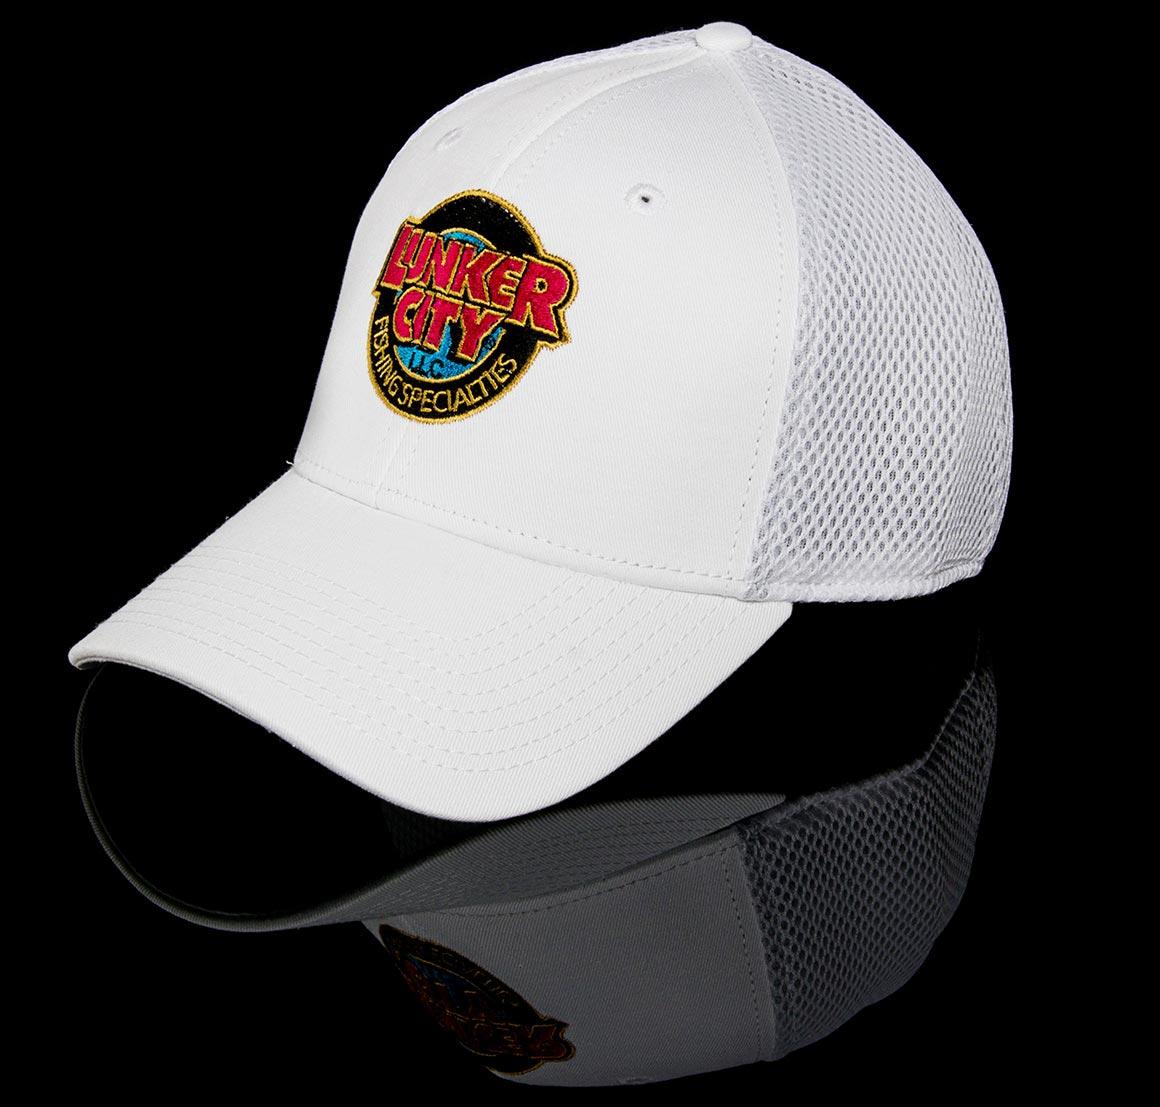 Die hochwertigen Lunker City Caps (New Era 39THIRTY) sind auf der Vorderseite mit dem Lunker City Logo bestickt und der hintere Teil besteht aus angenehm zu tragendem Mesh-Gewebe. Die Lunker City Caps passen sich flexibel der Kopfgröße an.